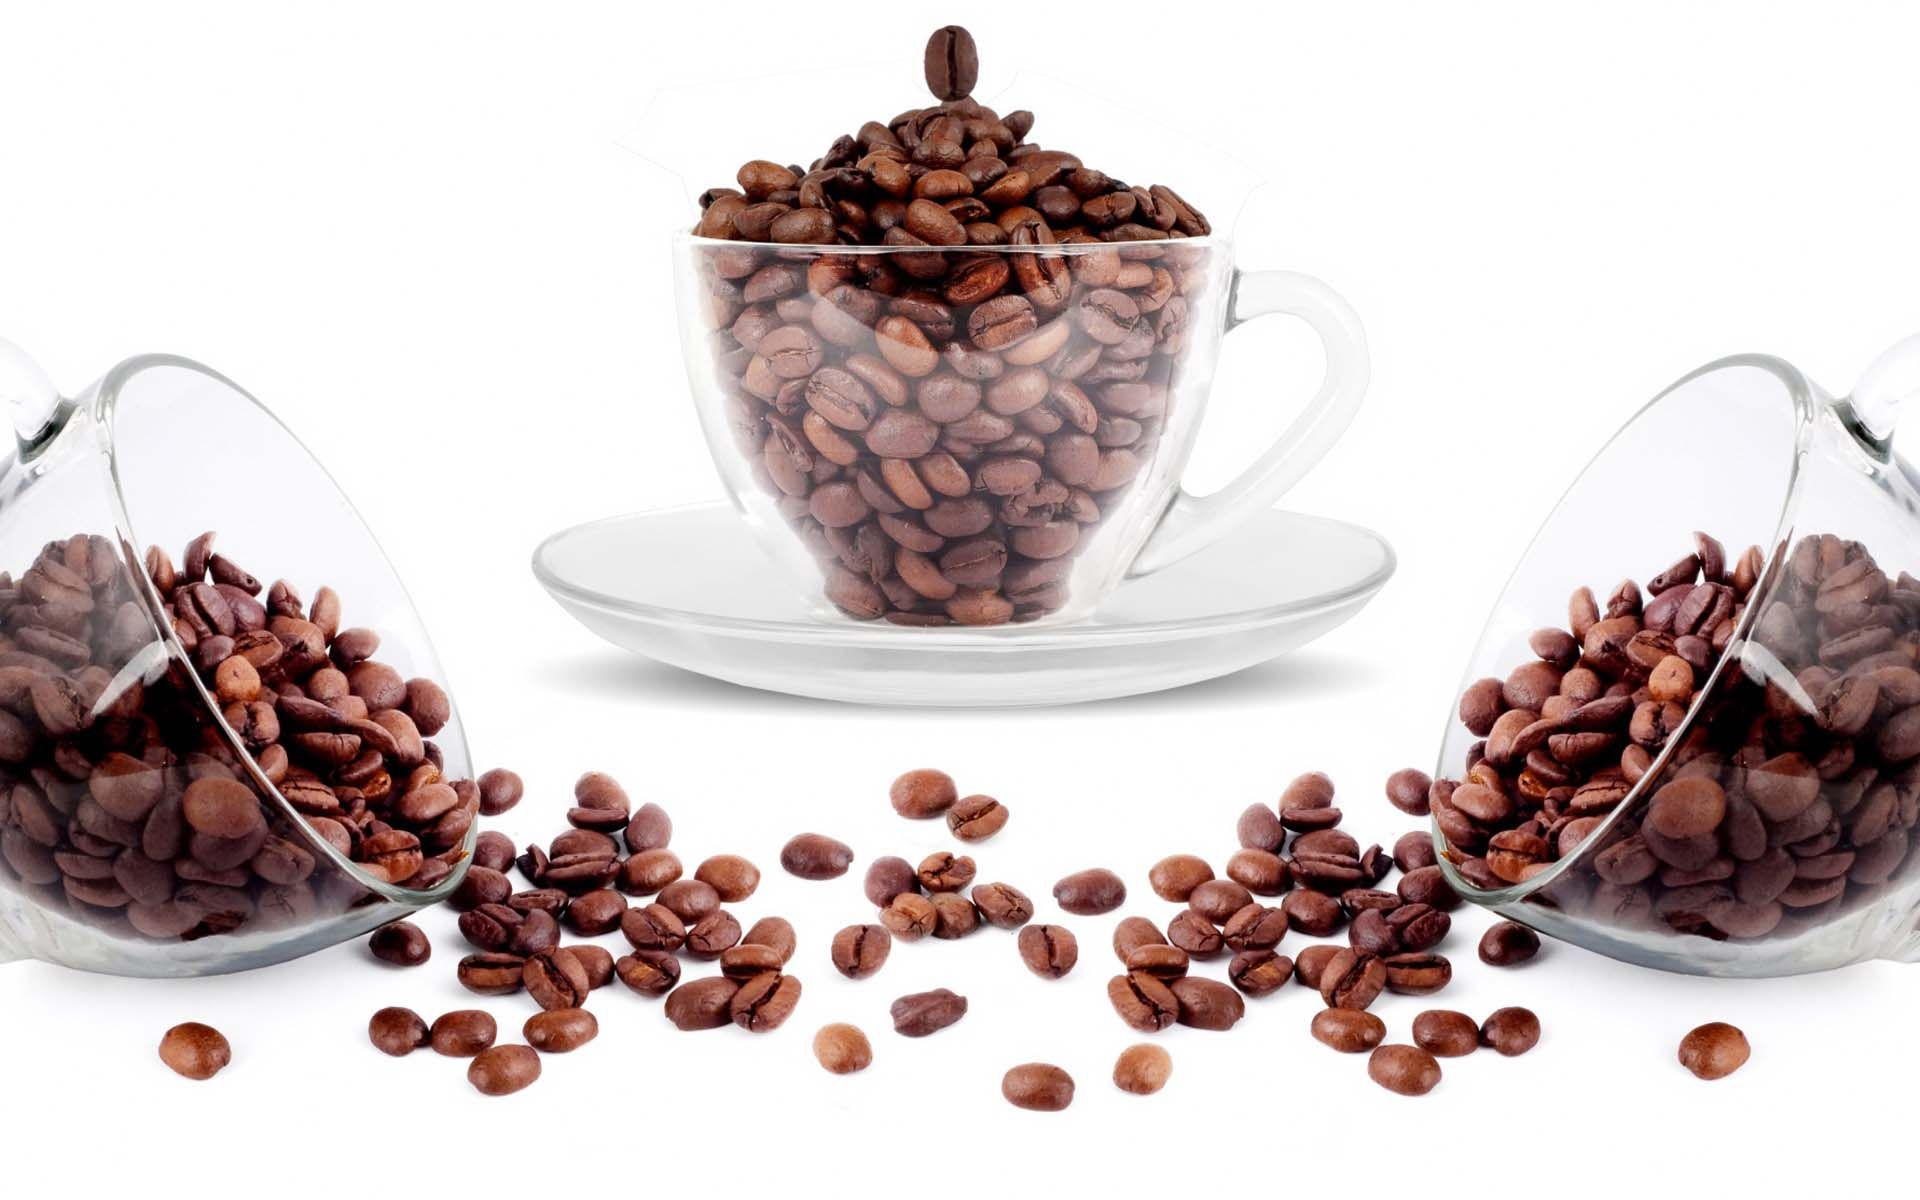 القهوة مشروب يعد من بذور البن المحمصة وينمو في أكثر من 70 بلدا ويقال أن البن الأخضر هو ثاني أكثر السلع تداول Gourmet Coffee Beans Coffee Beans Organic Coffee